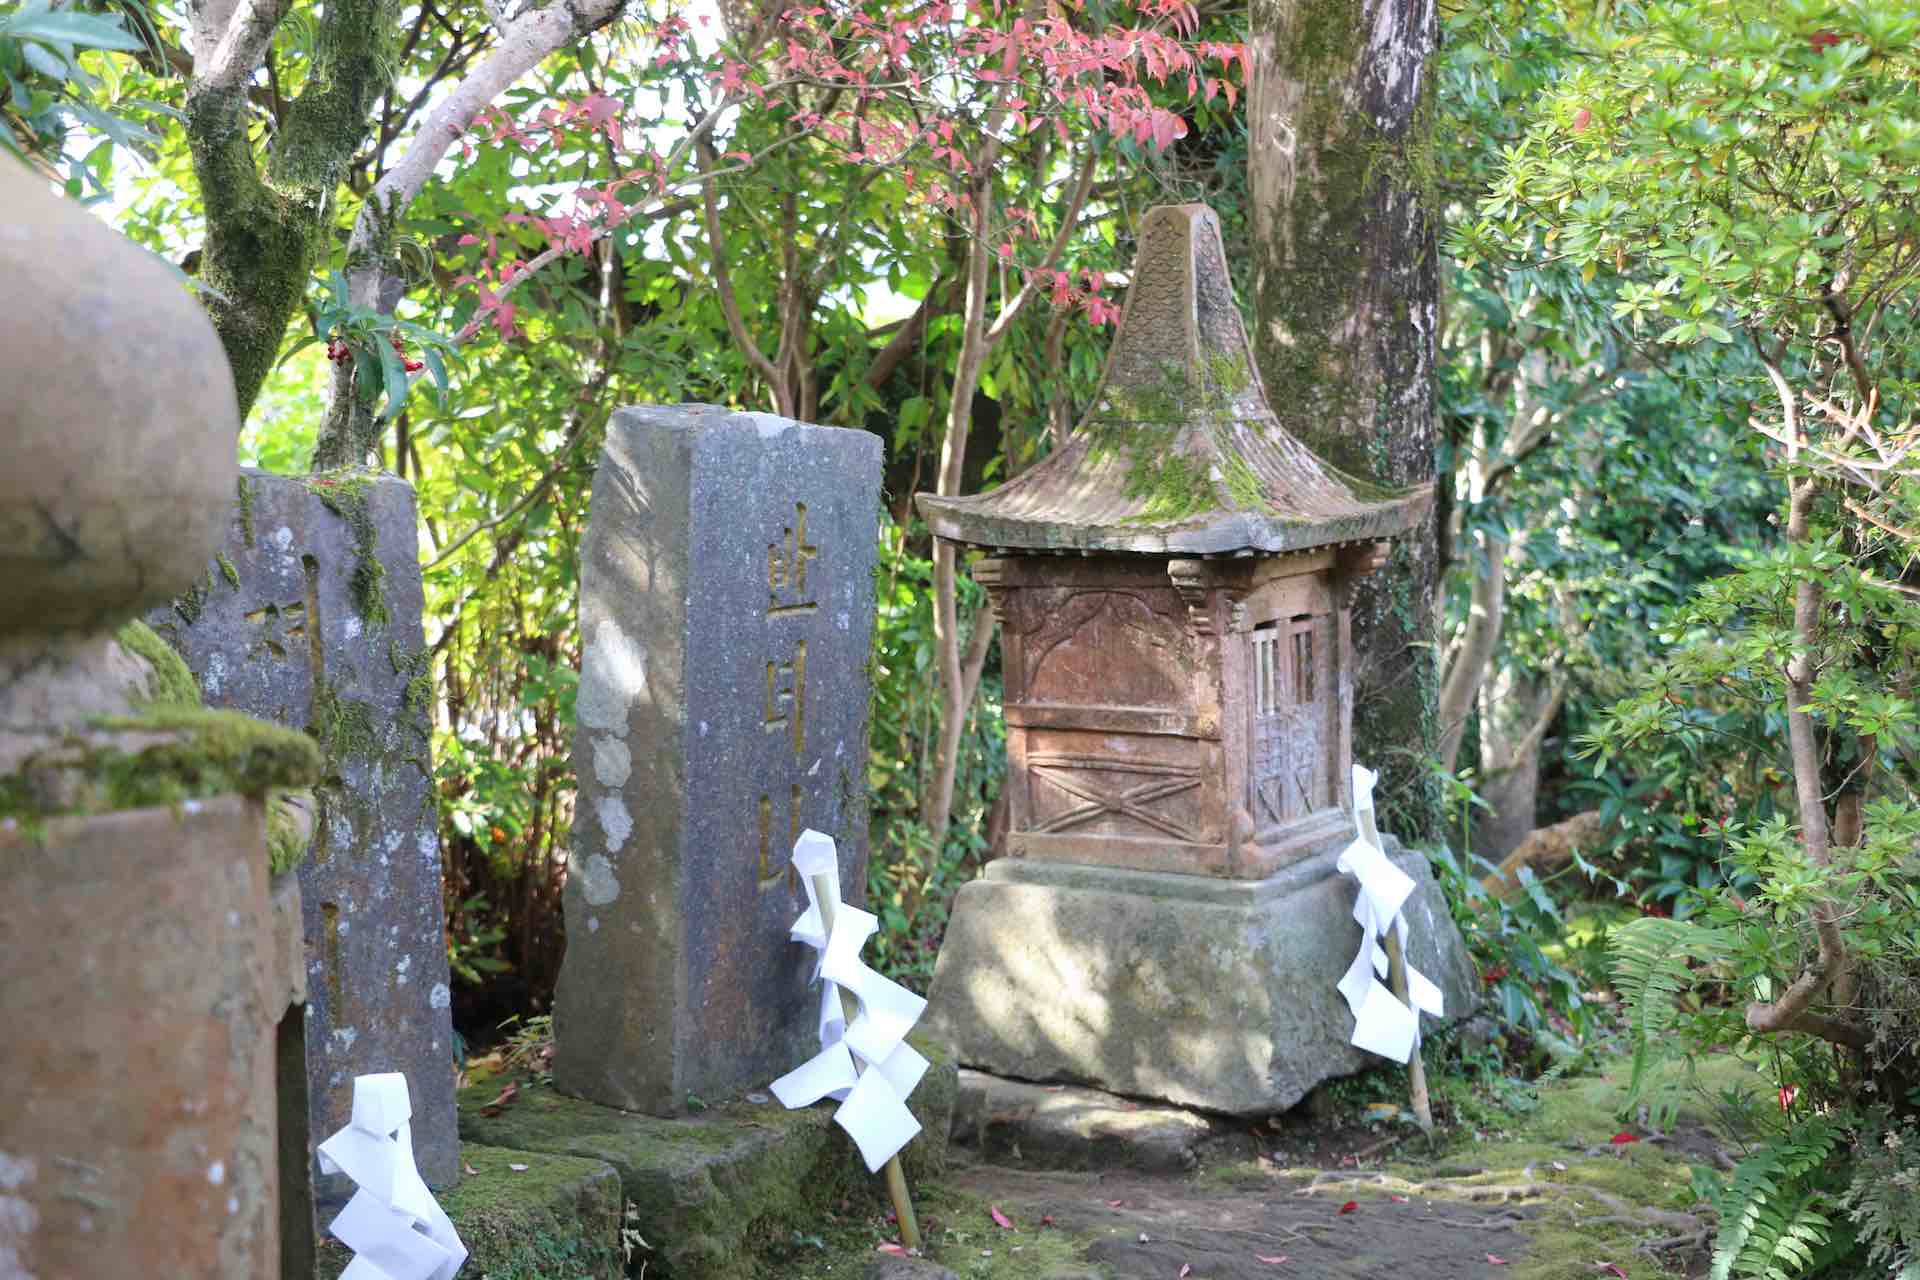 焼き物の神様をお祭りした朝鮮式の祠